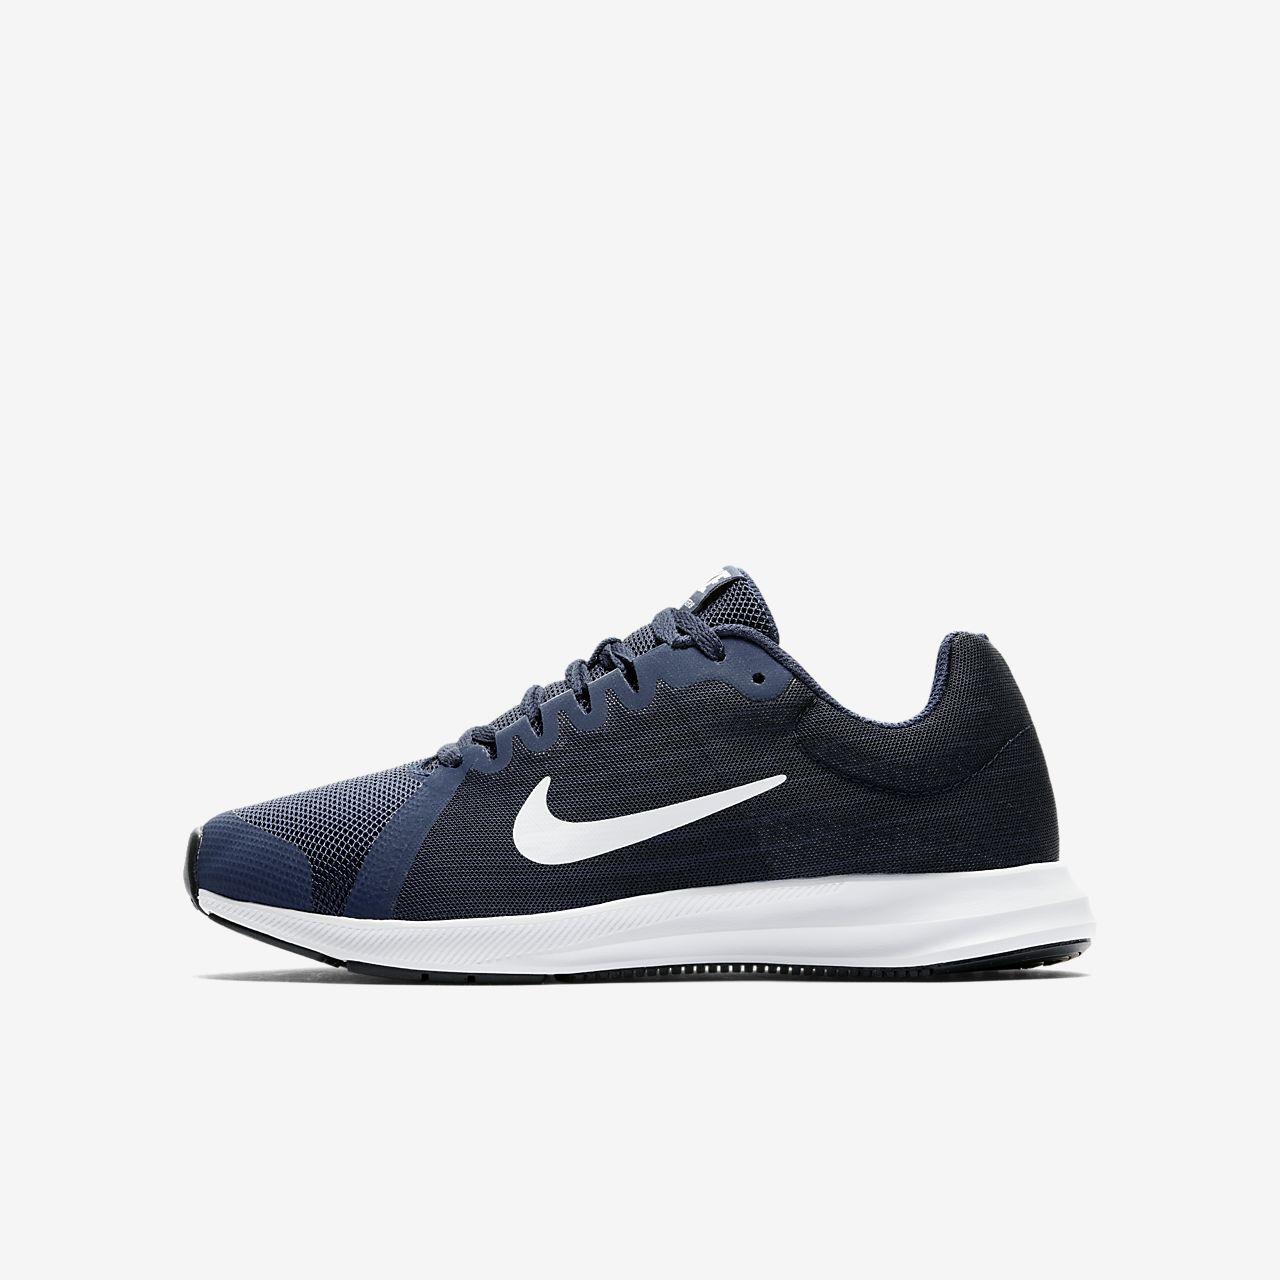 Nike Downshifter 8 Hardloopschoen voor jongens